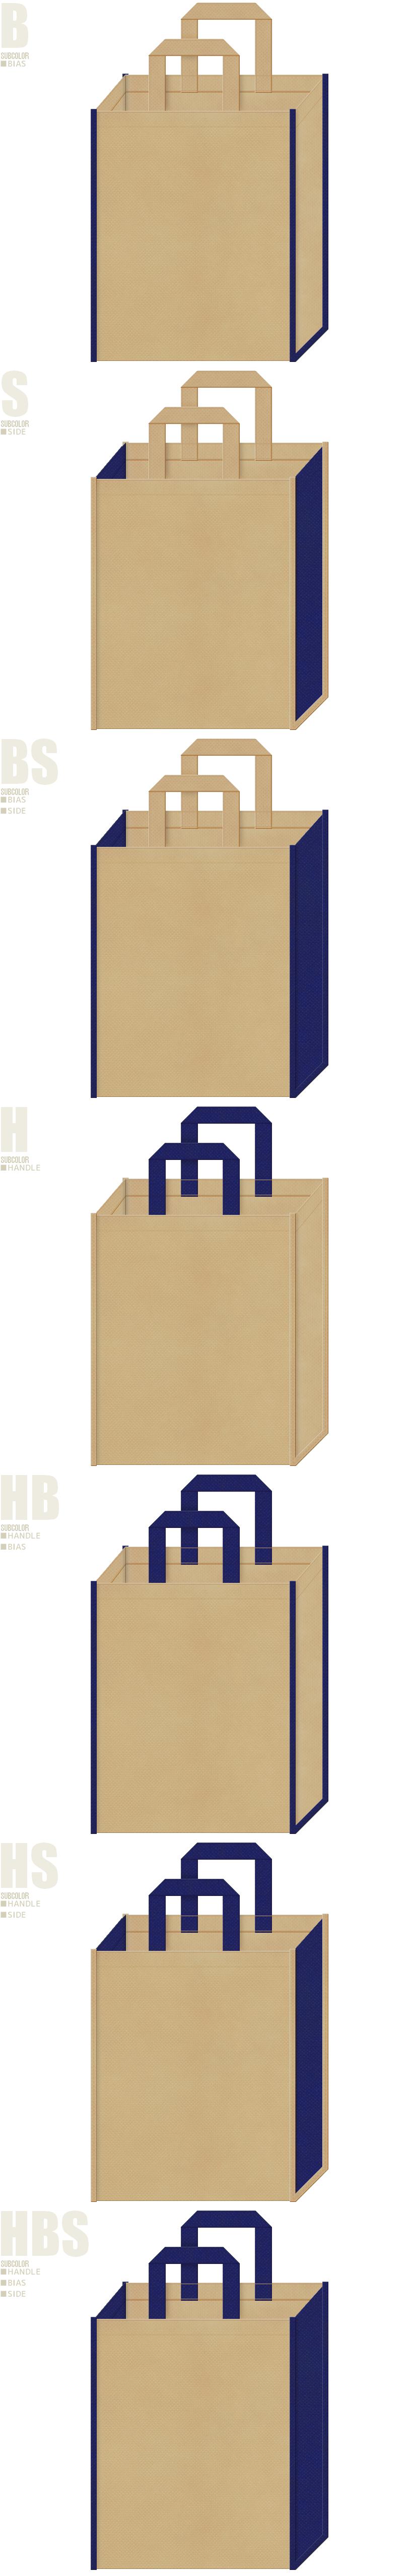 学校・オープンキャンパス・学習塾・レッスンバッグ・デニム・カジュアル・アウトレットのショッピングバッグにお奨めの不織布バッグデザイン:カーキ色と明るい紺色の配色7パターン